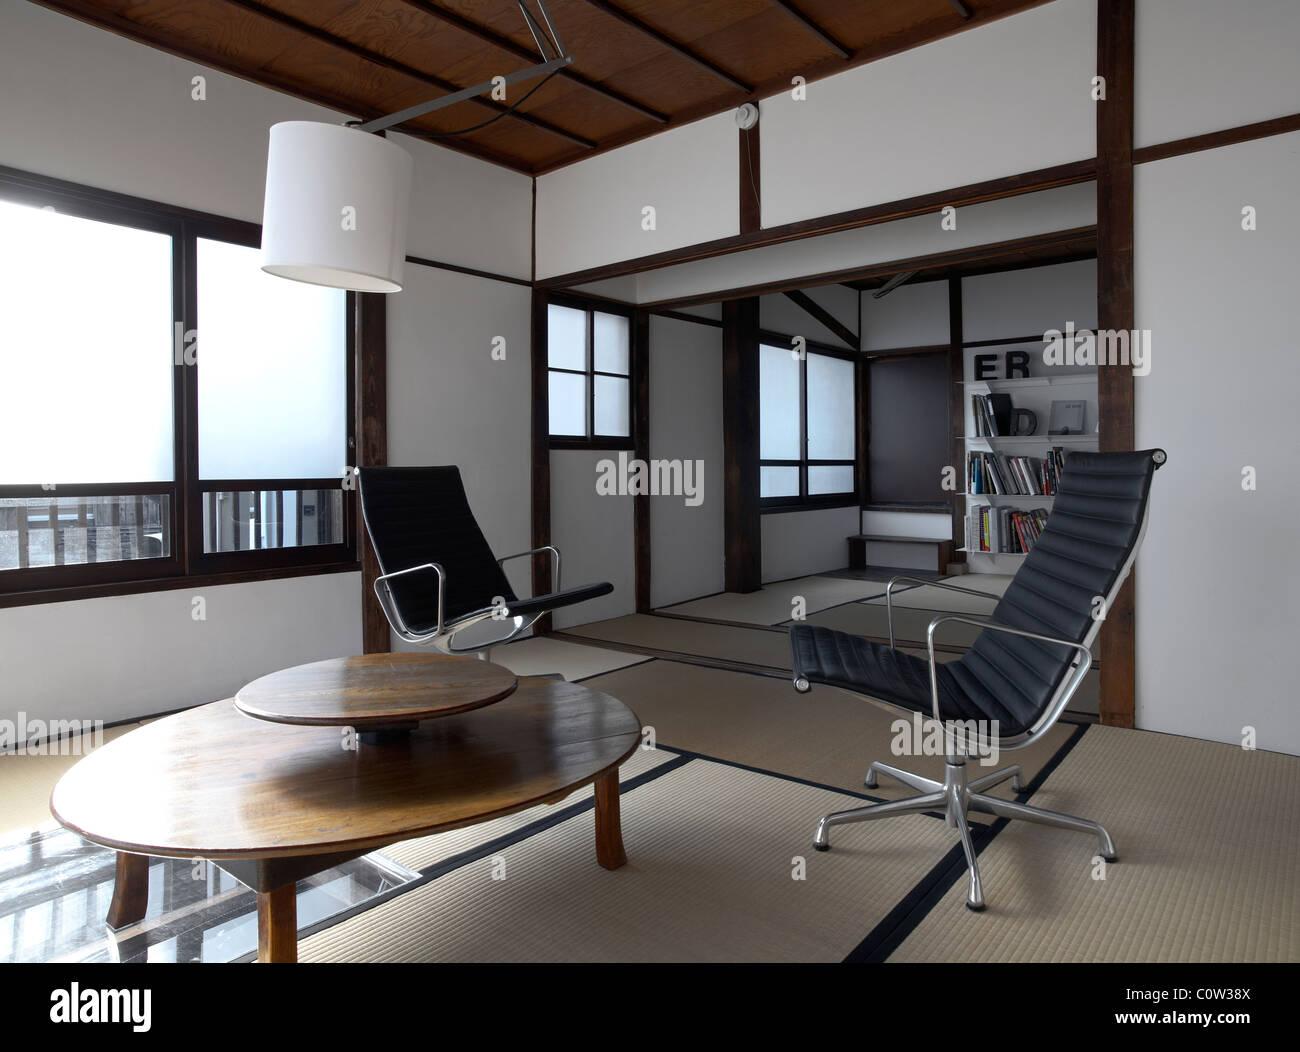 Hochwertig Zeitgenössische Tatami Zimmer In Einem Japanischen Wohnzimmer Mit C. Eames  Office Lounge Sessel